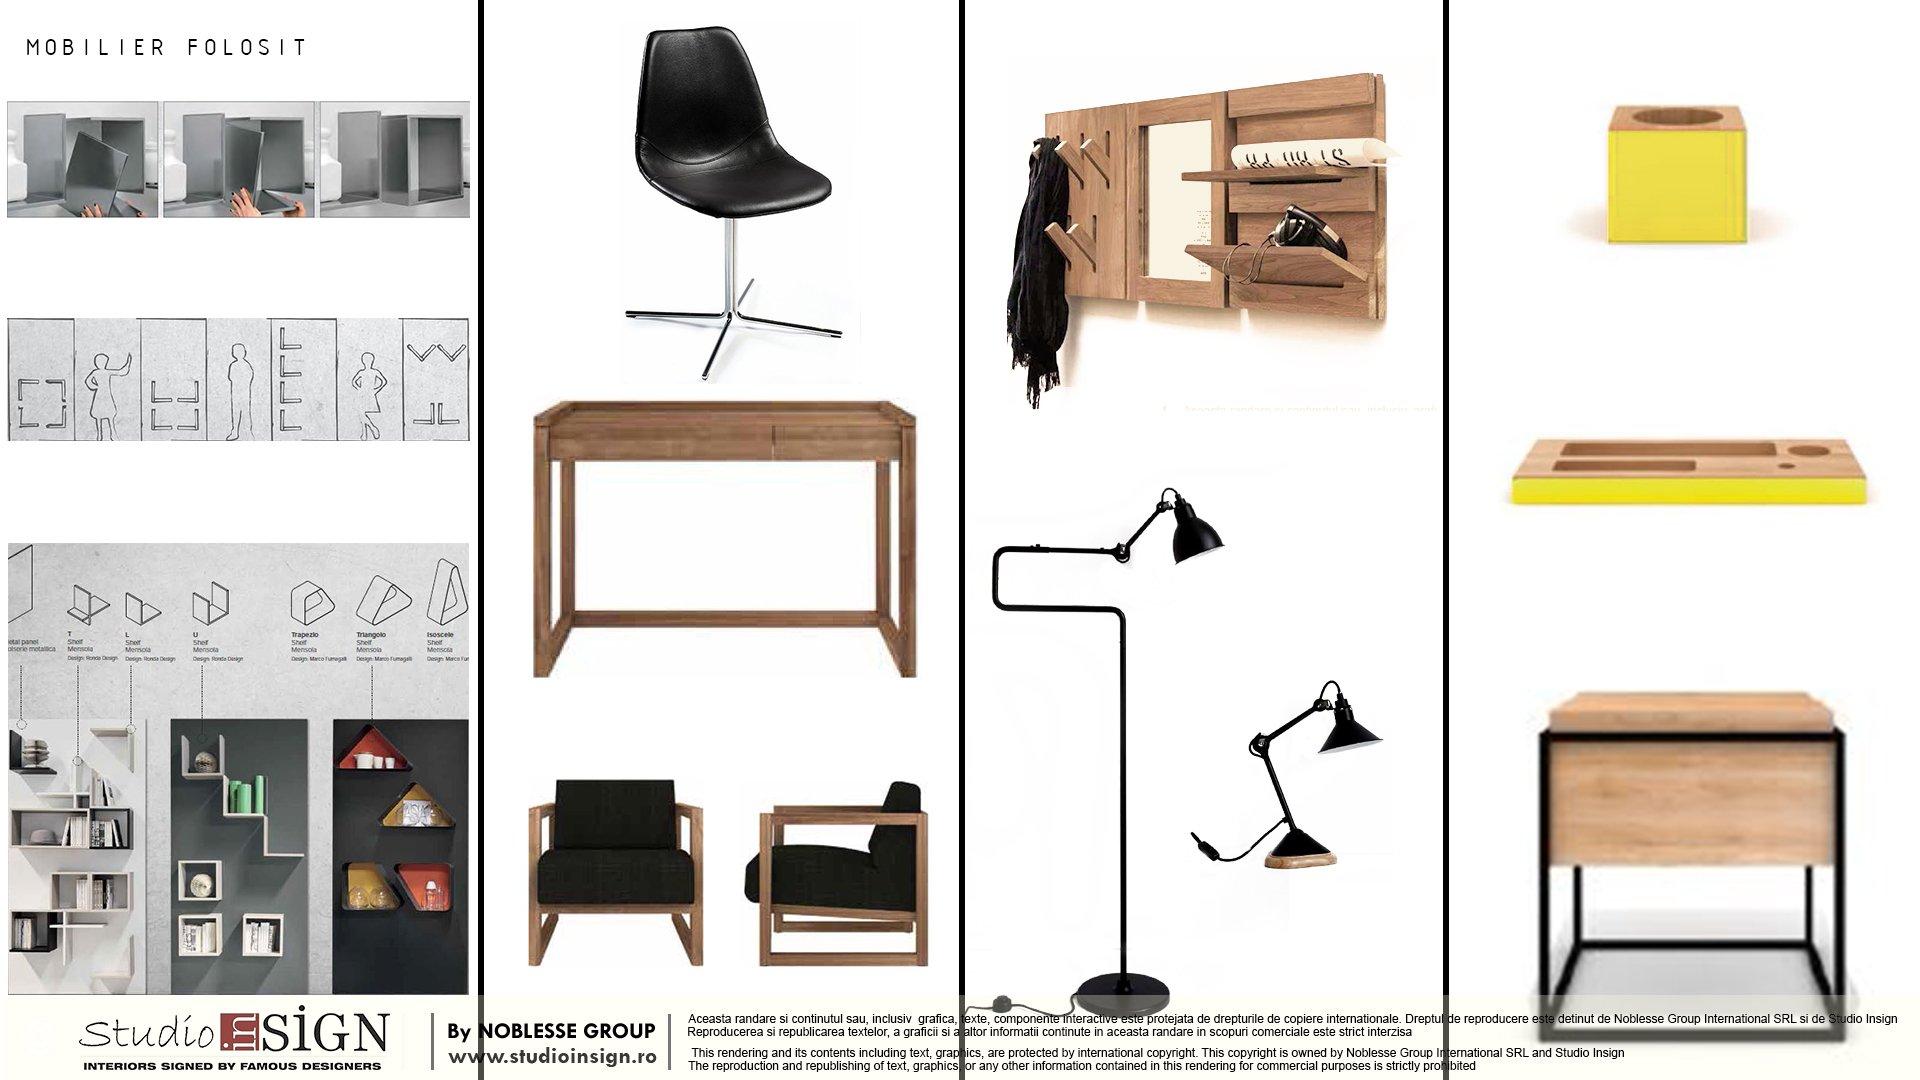 mobilier mood board